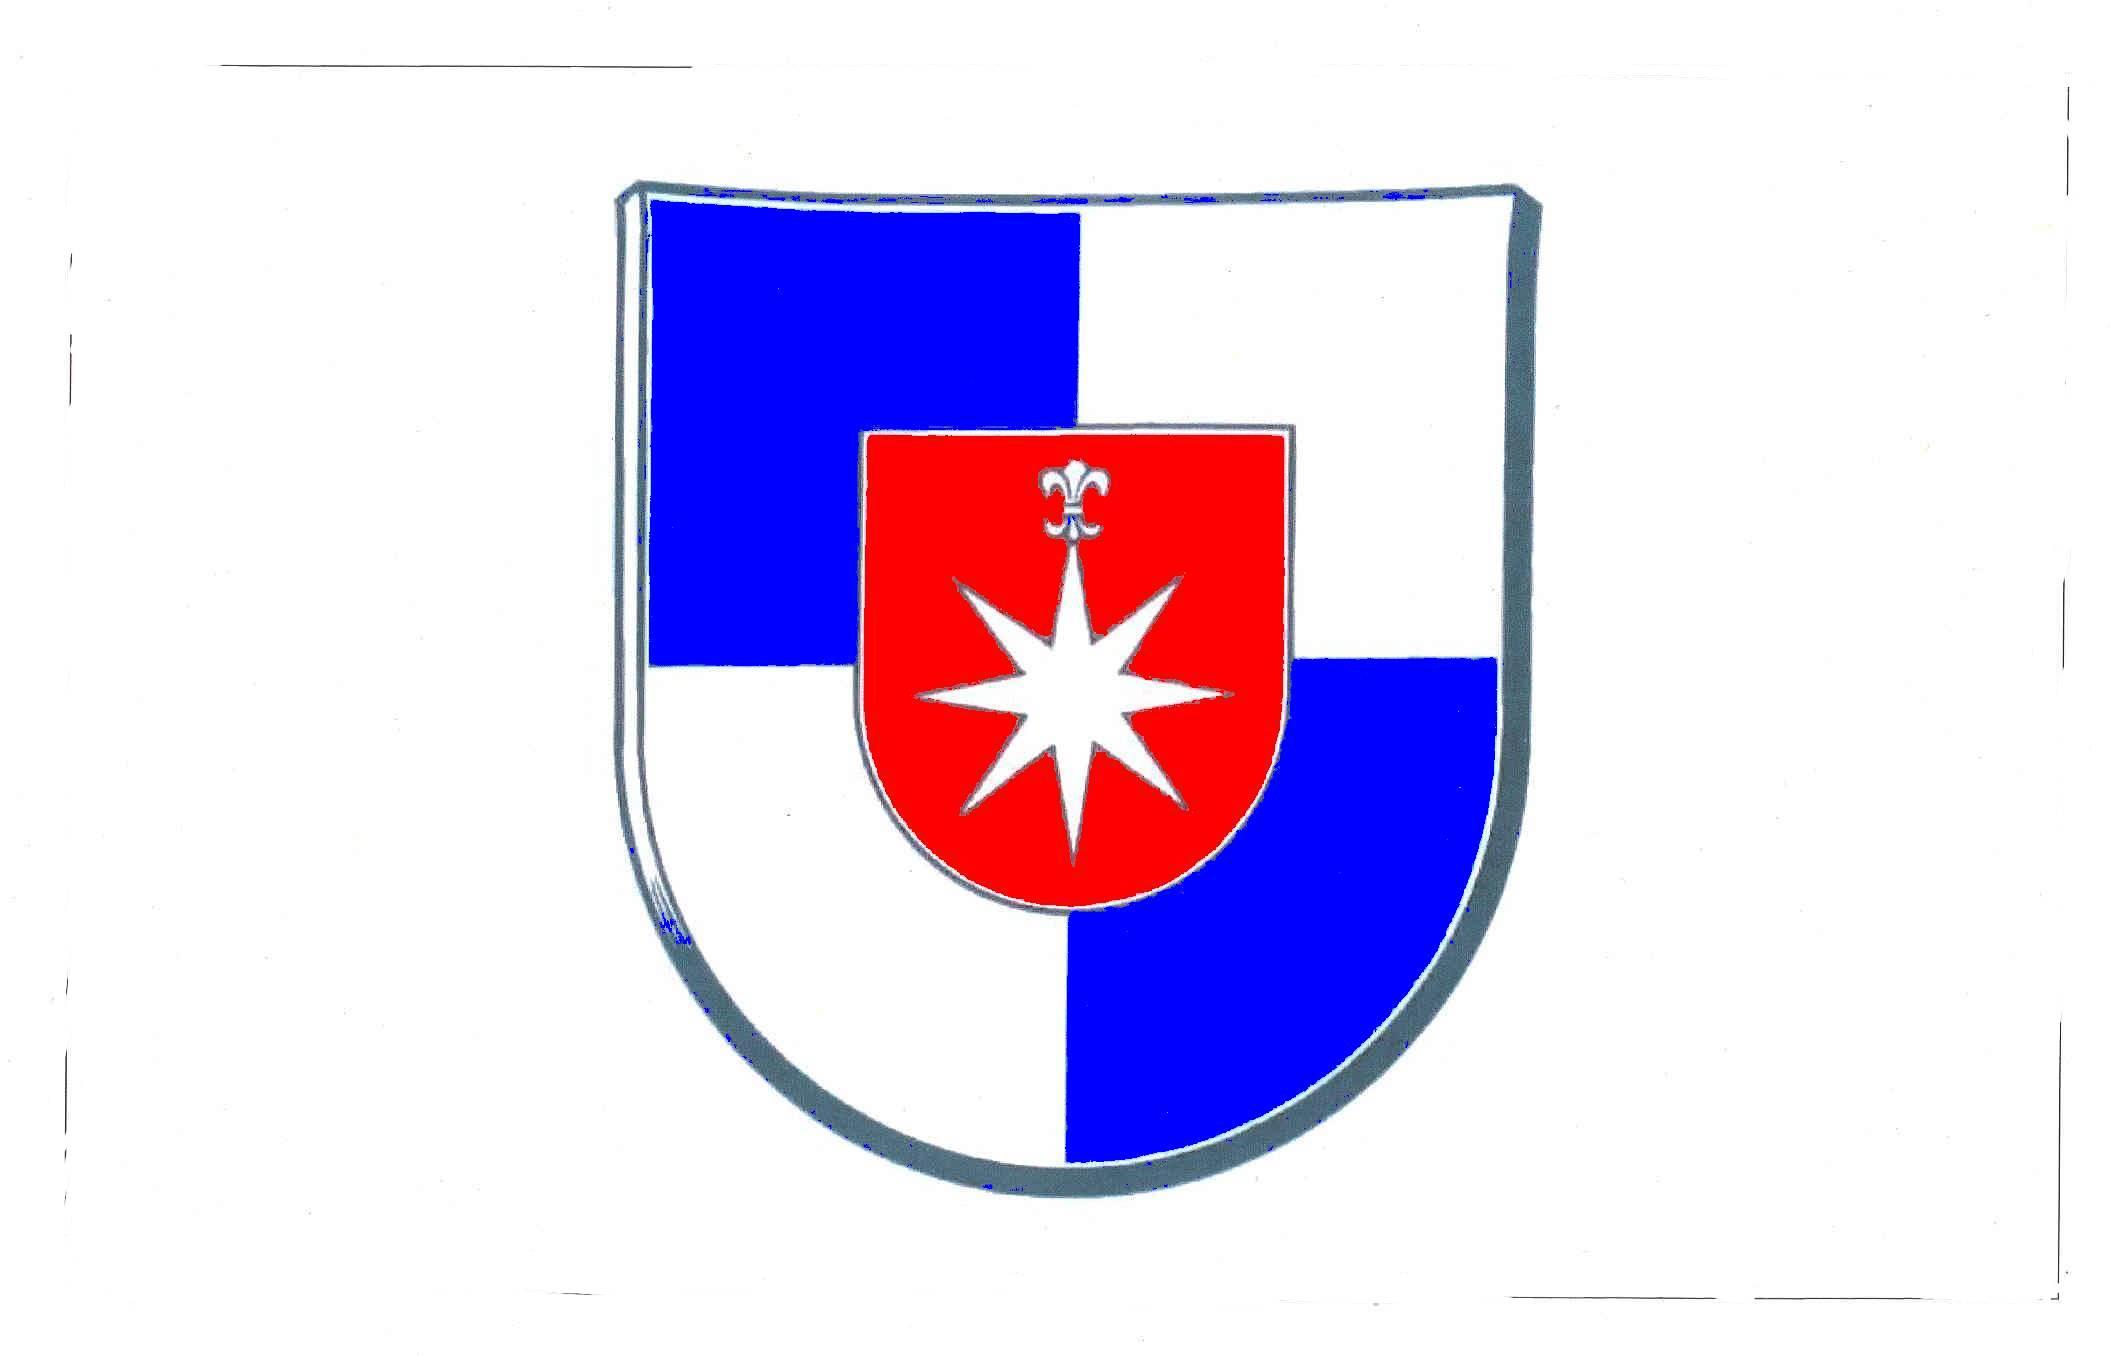 Flagge StadtNorderstedt, Kreis Segeberg